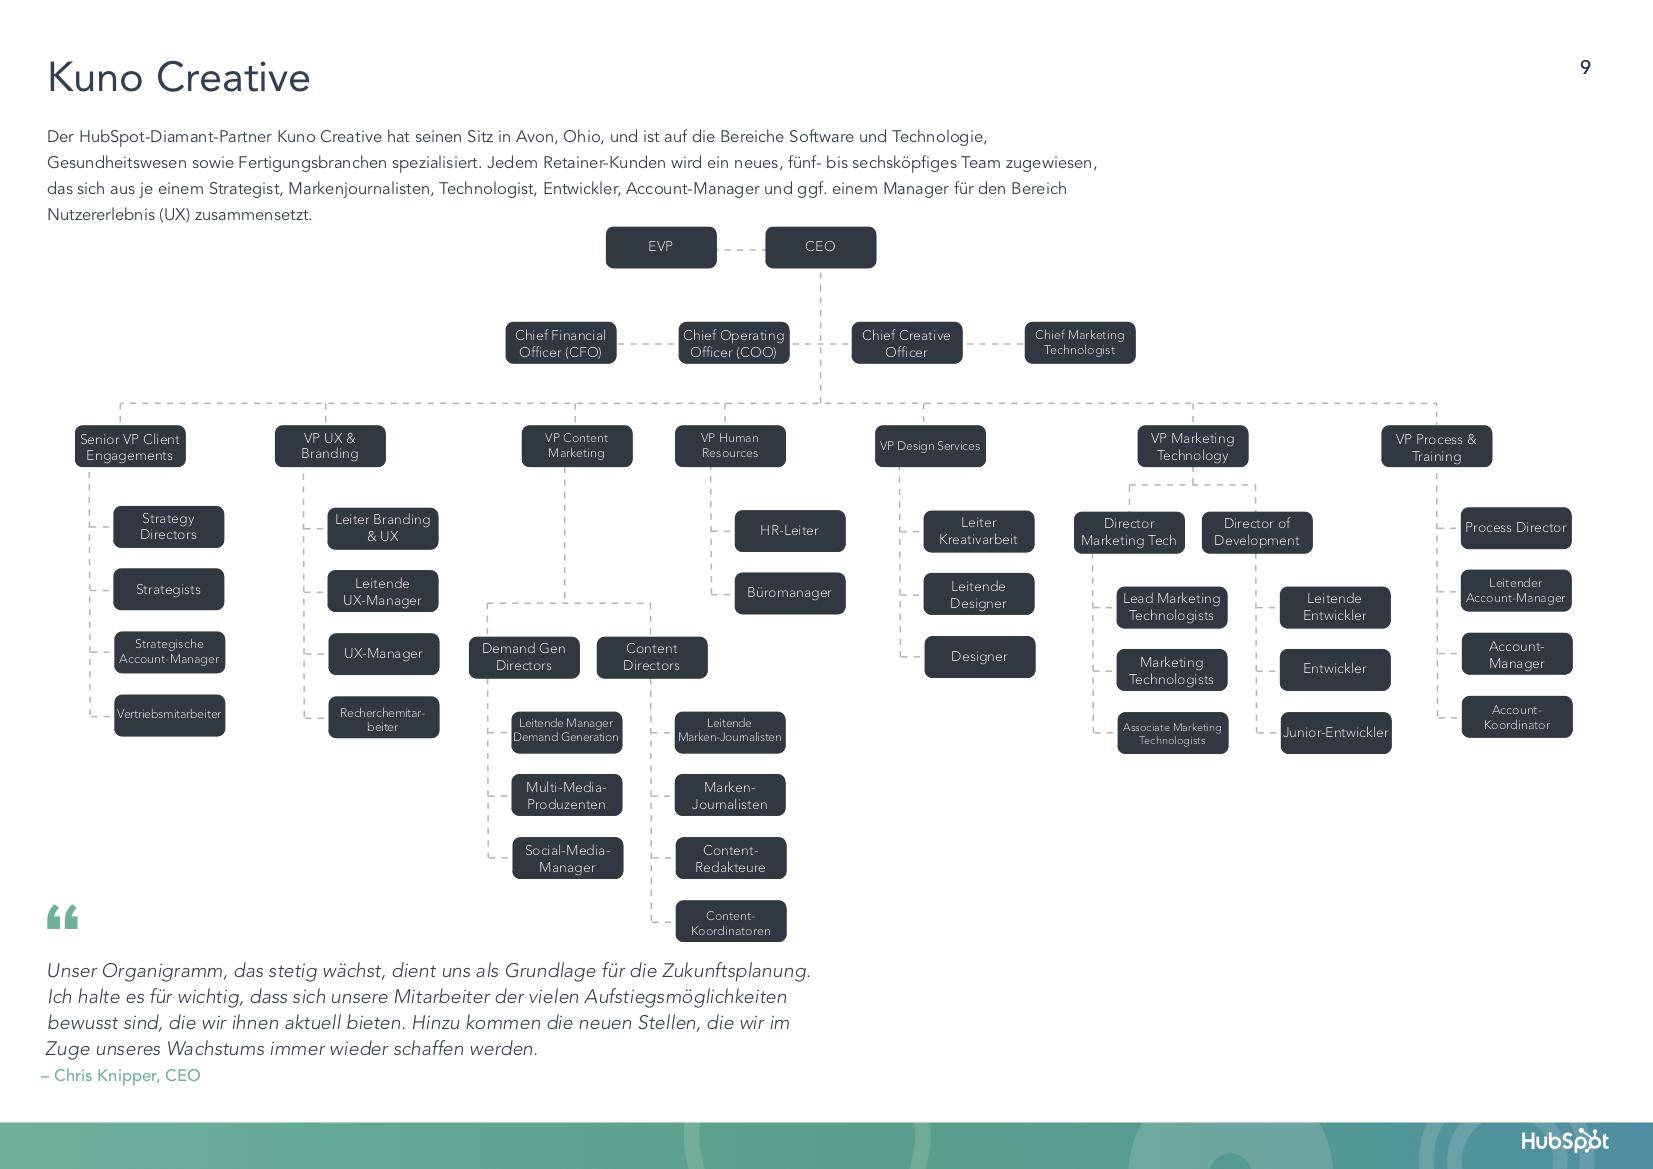 Handbuch-unternehmensstrukturen